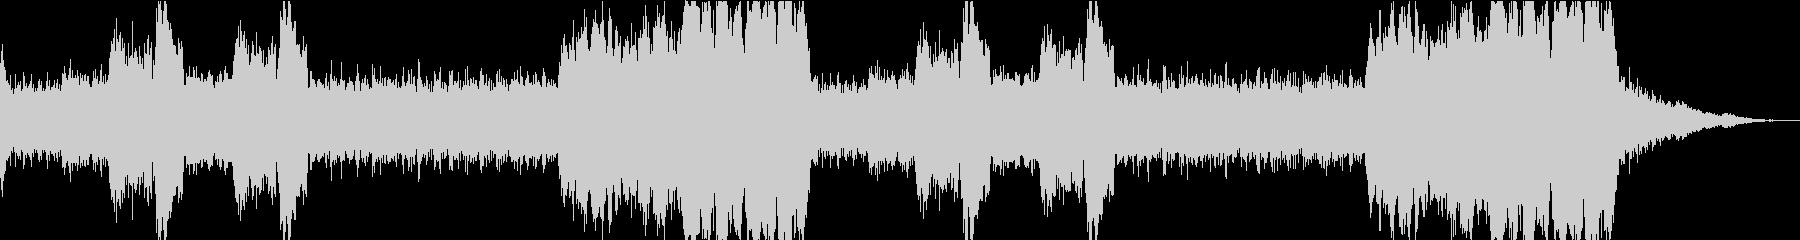 ワクワクしてくるBGM4の未再生の波形